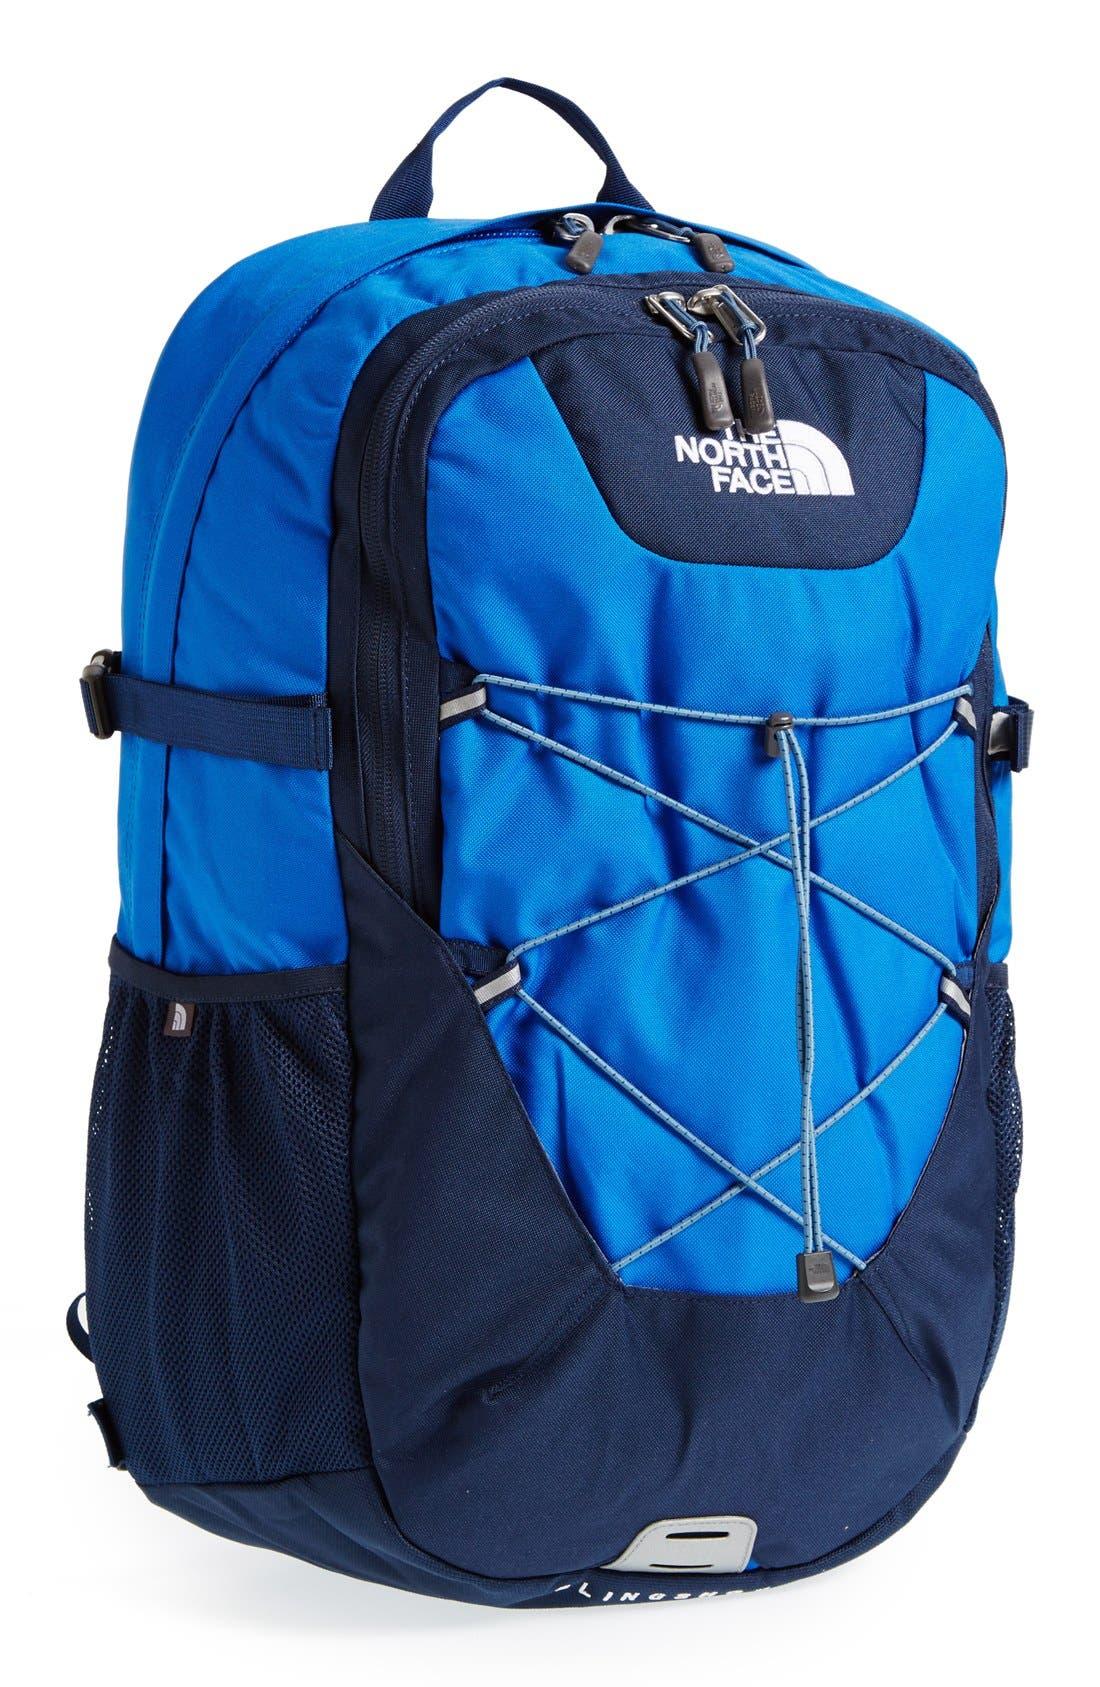 Alternate Image 1 Selected - The North Face 'Slingshot' Backpack